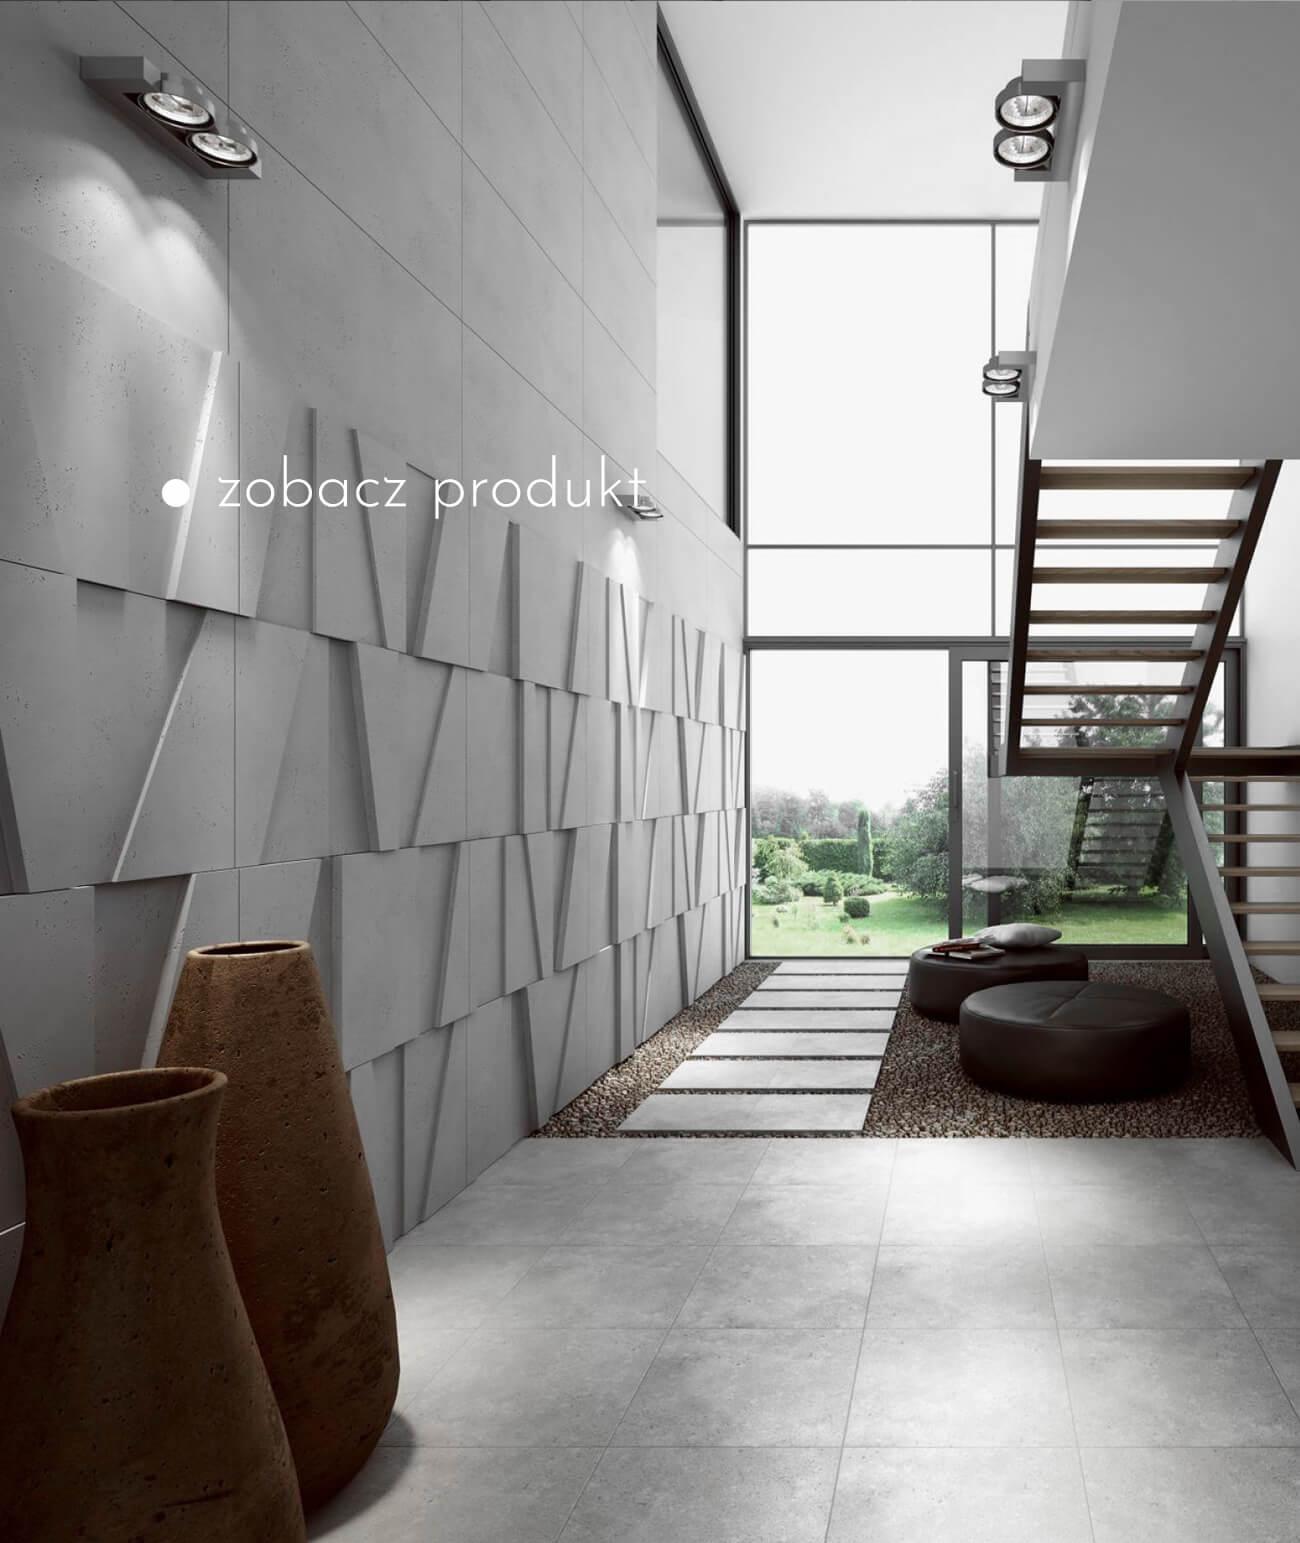 panele-betonowe-3d-scienne-i-elewacyjne-beton-architektoniczny_425-2335-pb10-s50-jasno-szary-mysi-mozaika---panel-dekor-3d-beton-architektoniczny-panel-scienny